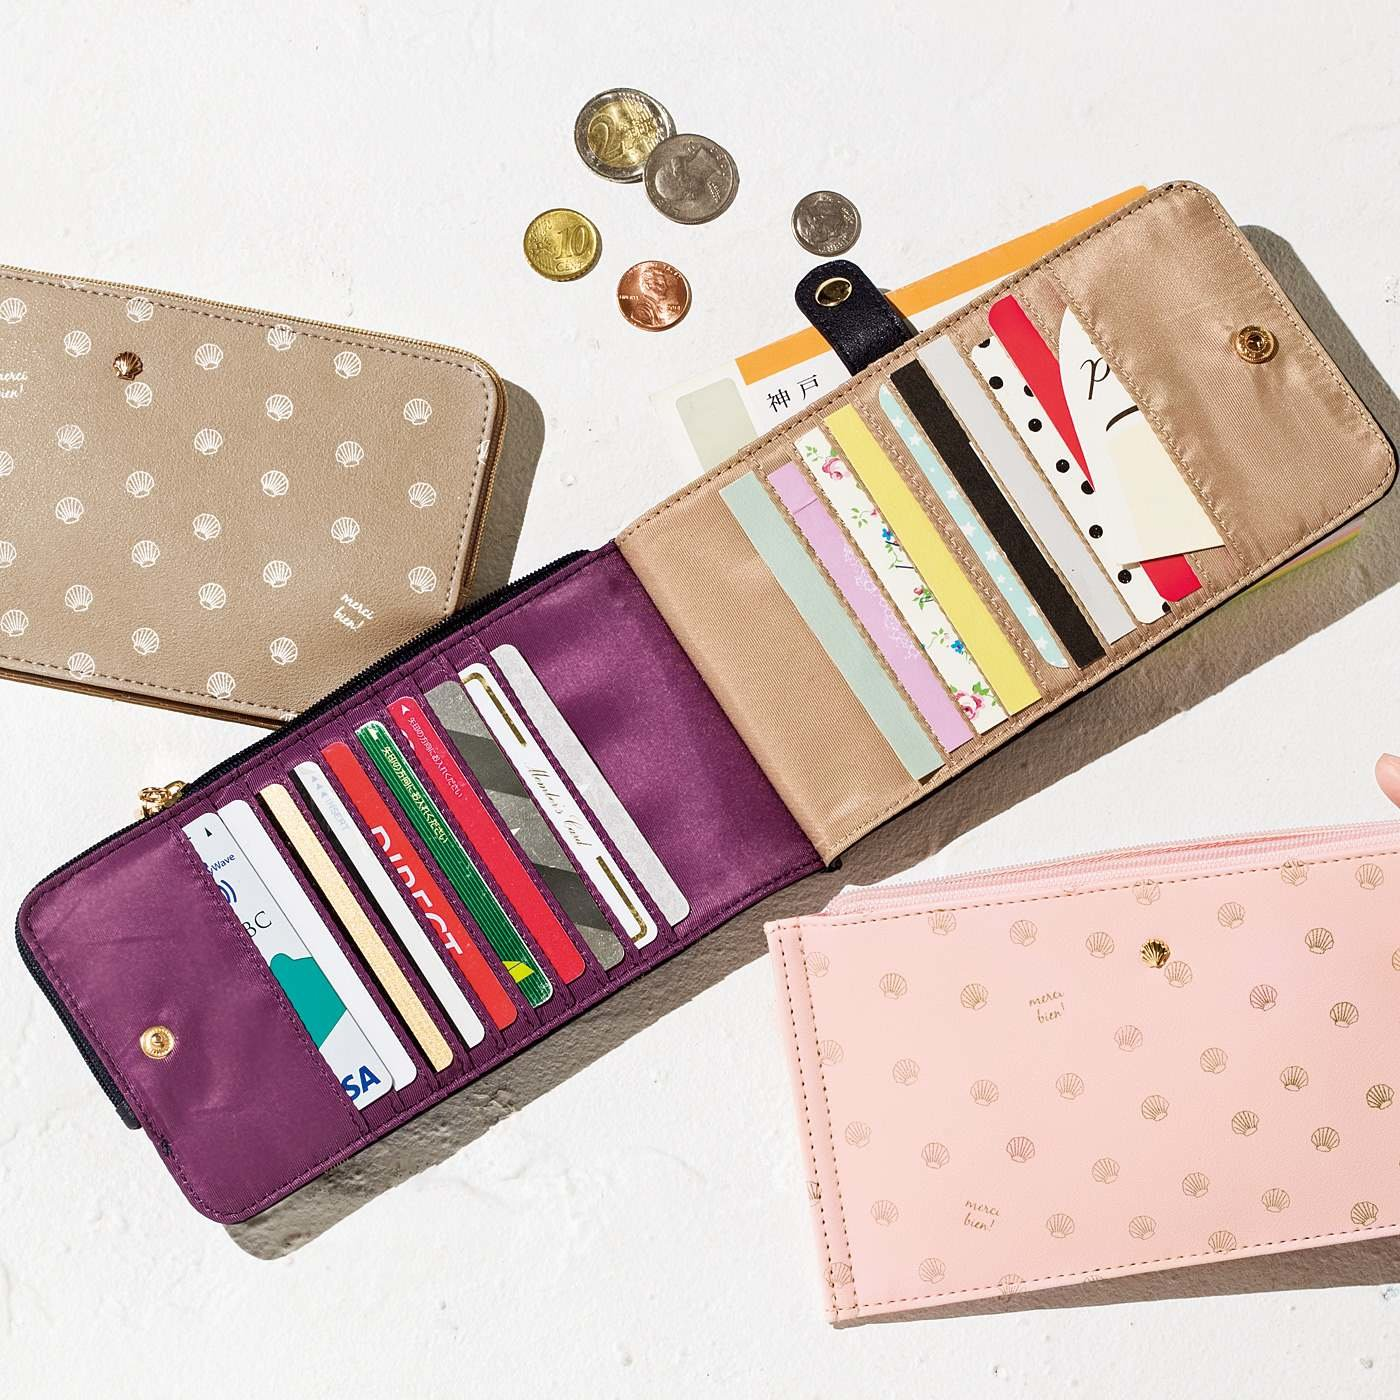 シェルモチーフで気分も運気も上向きに! 20枚が見渡せる極薄カード財布の会